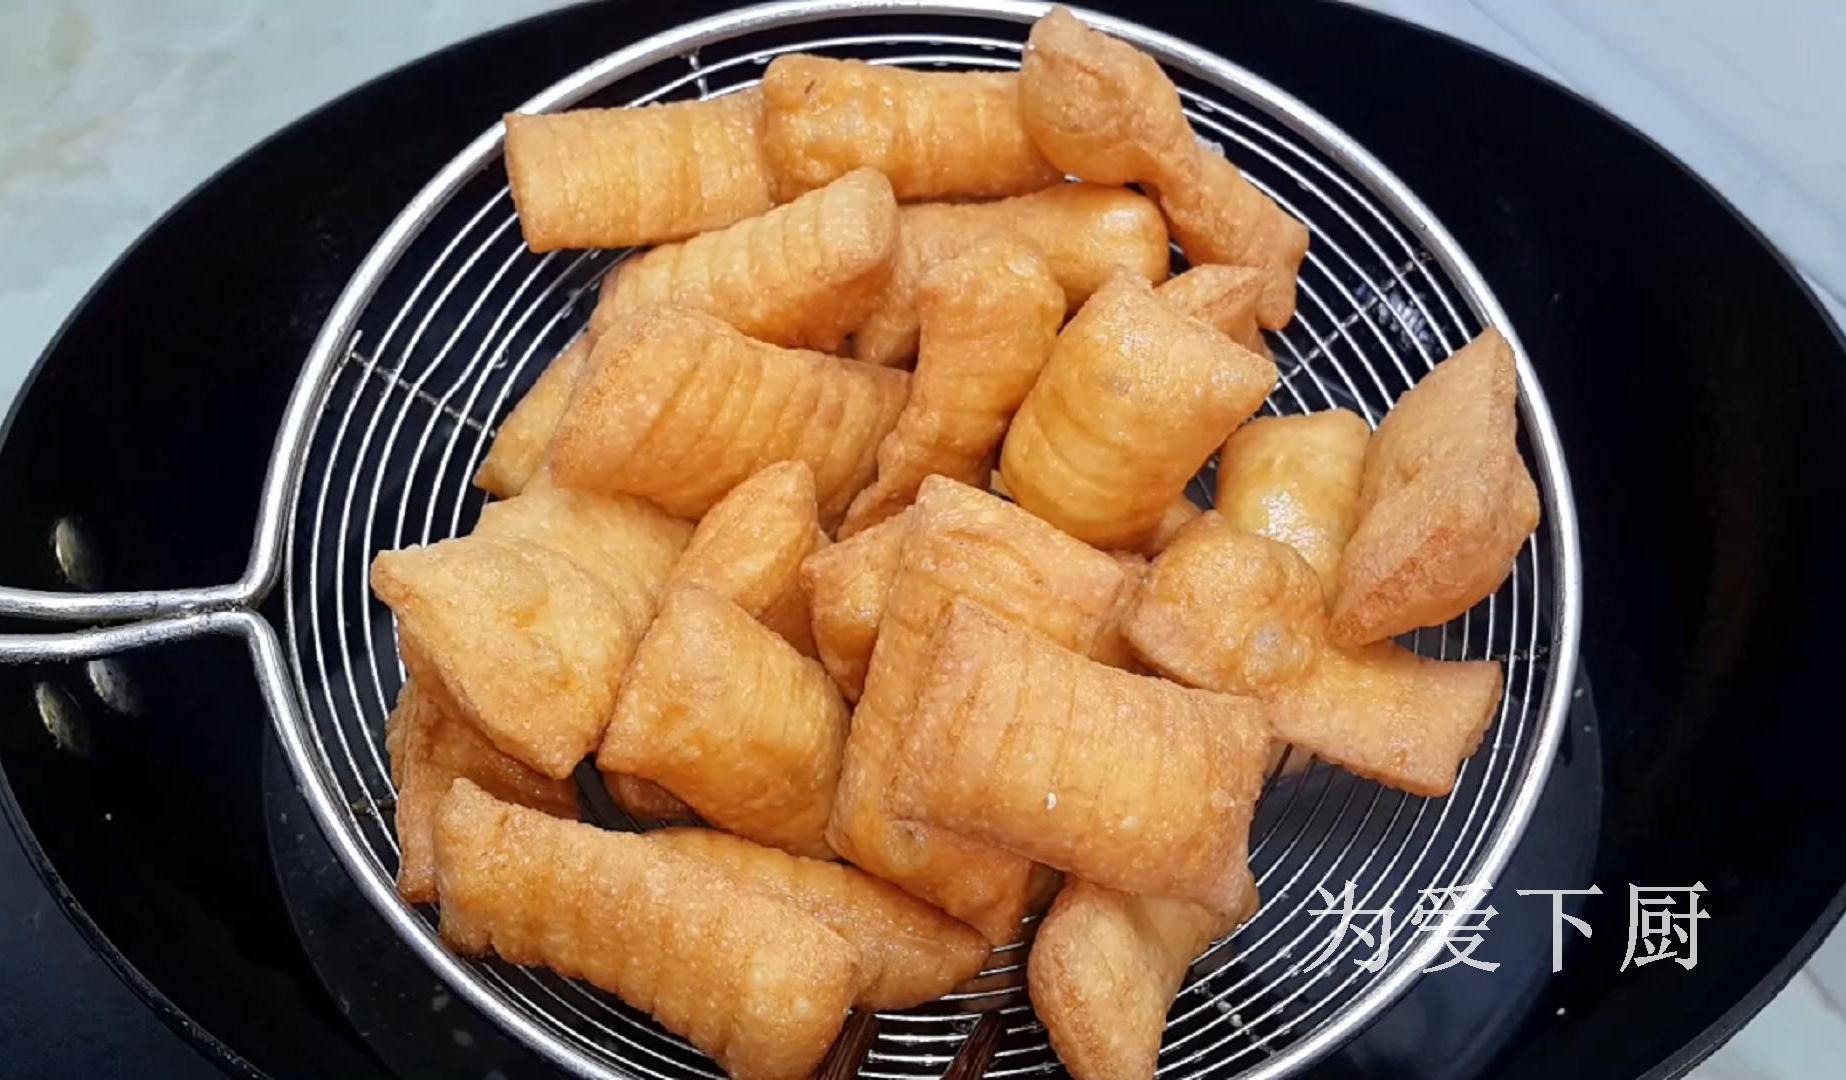 油條這做法才好吃,鍋裡炒一炒,個個焦脆香甜,出鍋全家人都愛吃